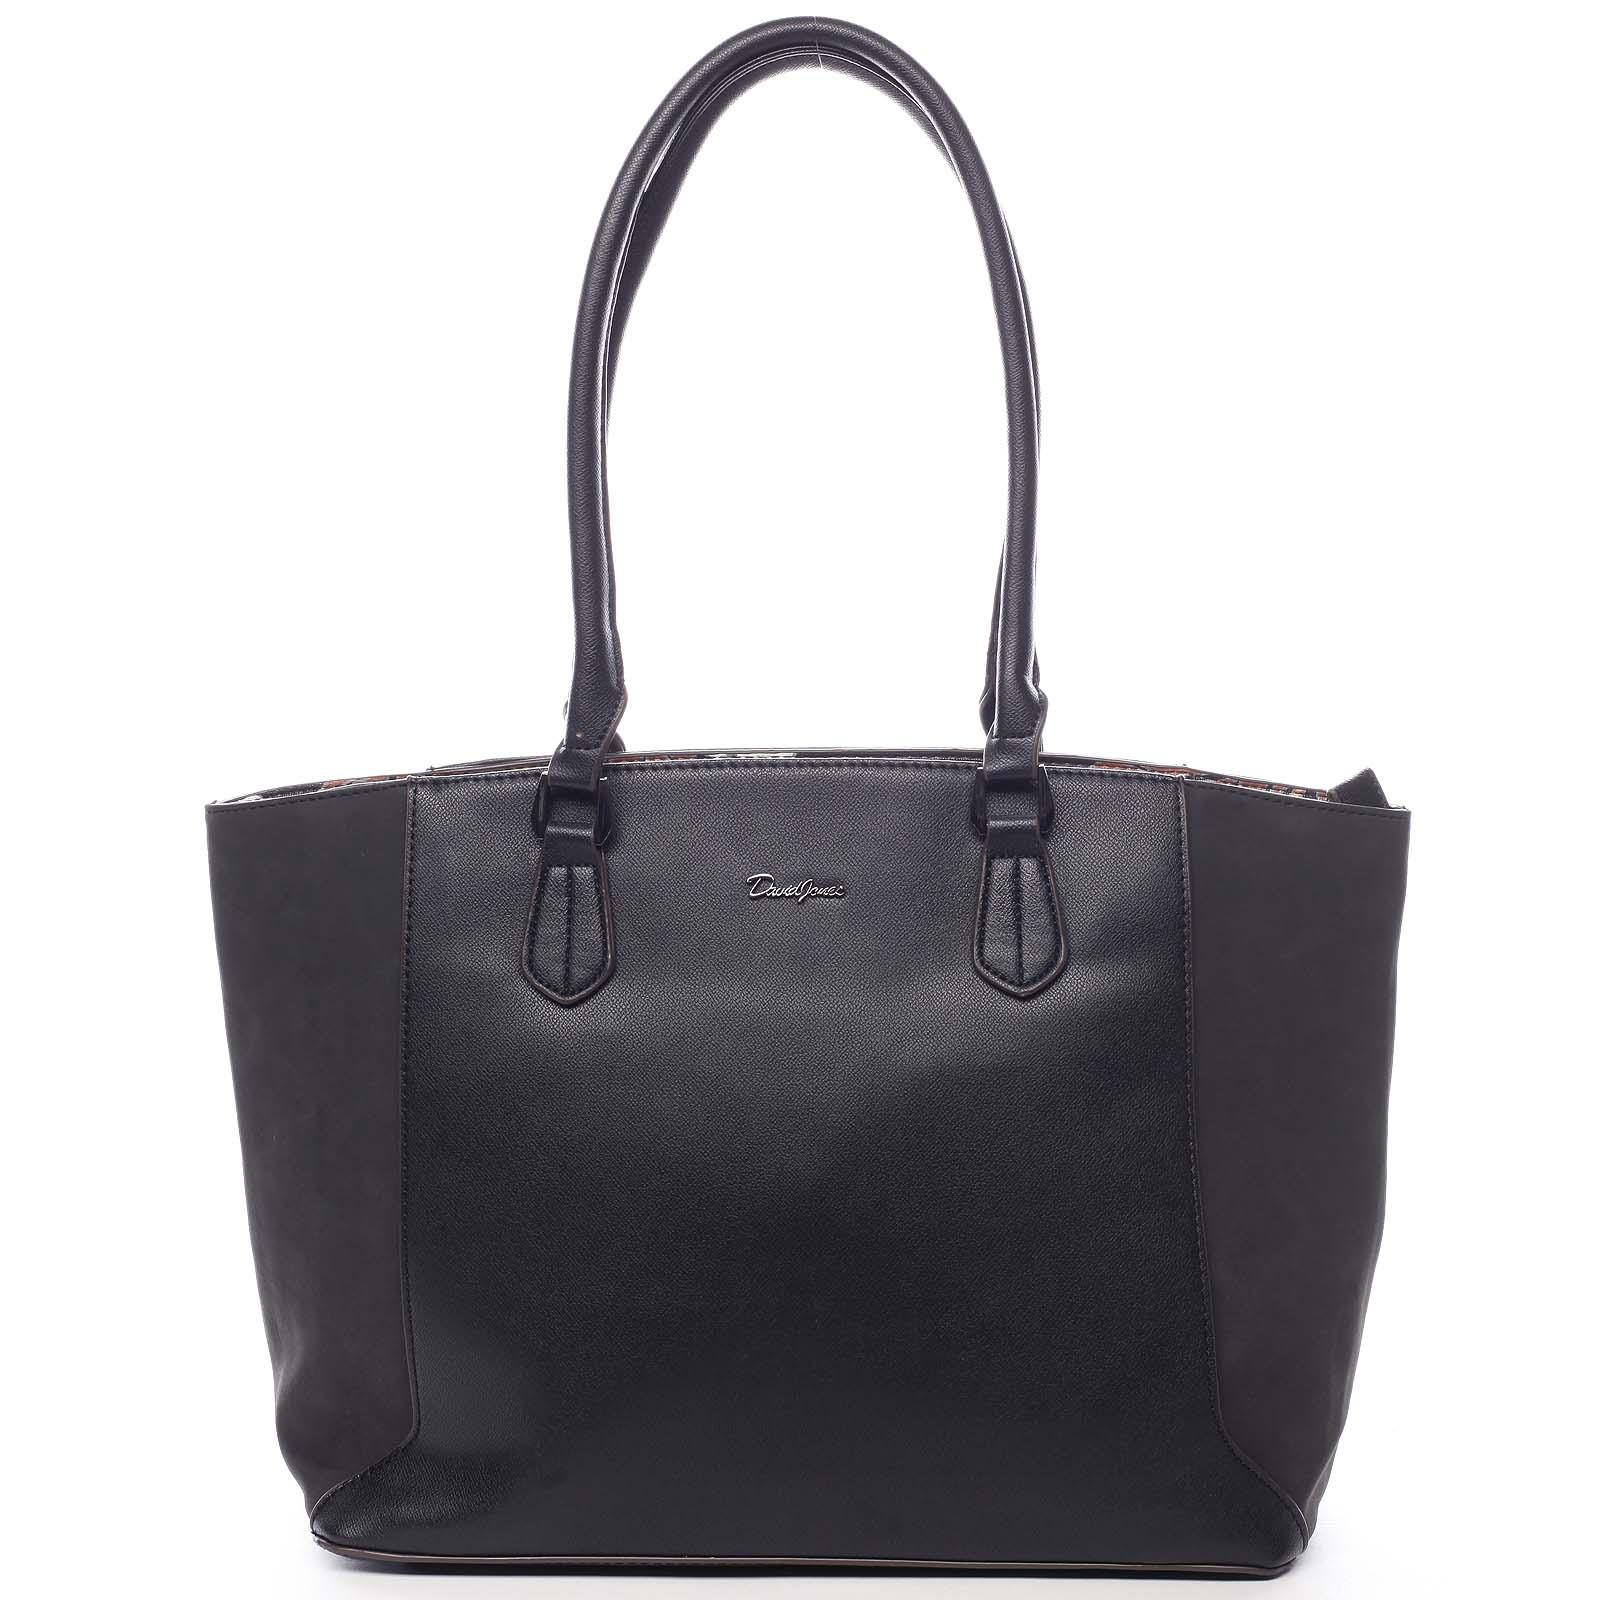 Veľká dámska kabelka cez rameno čierna - David Jones Matter čierna